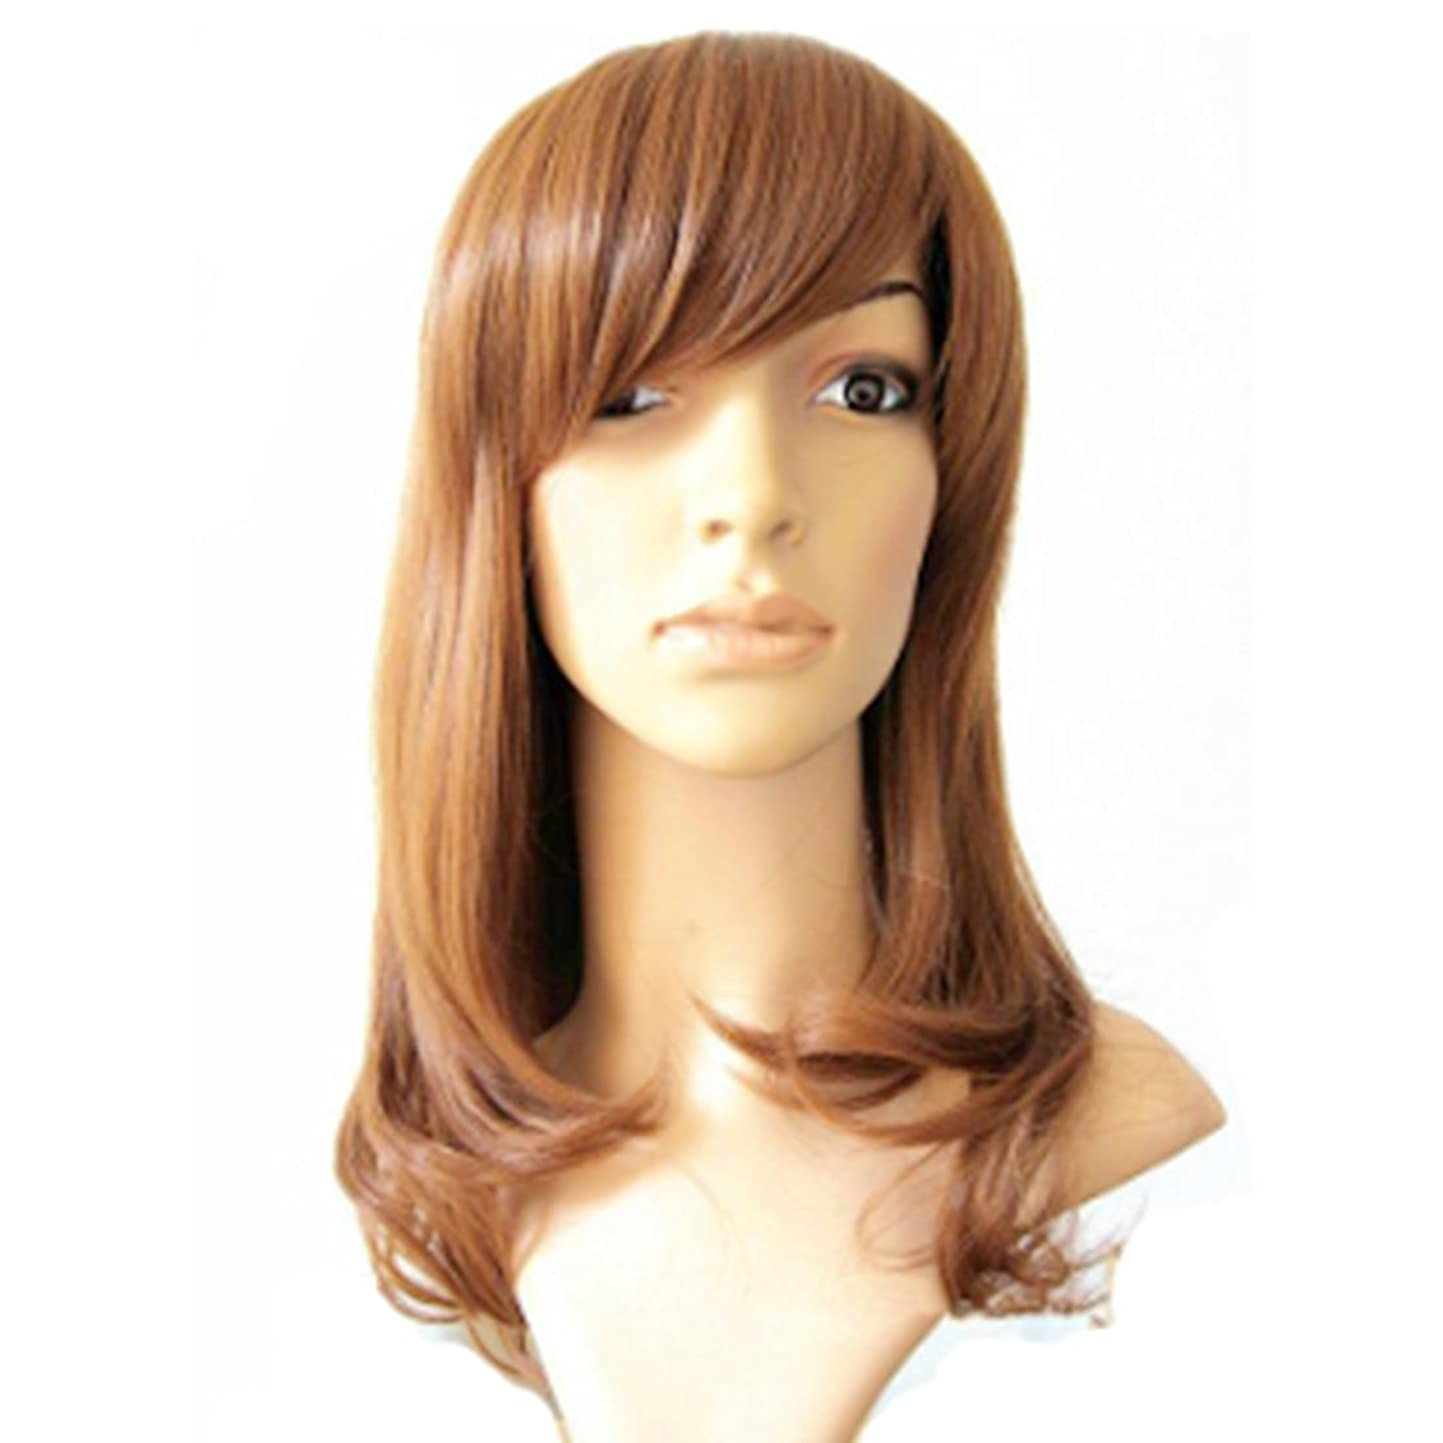 セラーグレートバリアリーフ方向Koloeplf 45cmロングウィッグヘアスタイルバックルフラットバングと梨花のヘアリーカーリーウィッグライトブラウン - ナチュラルウィズウィッグ (Color : Light brown)